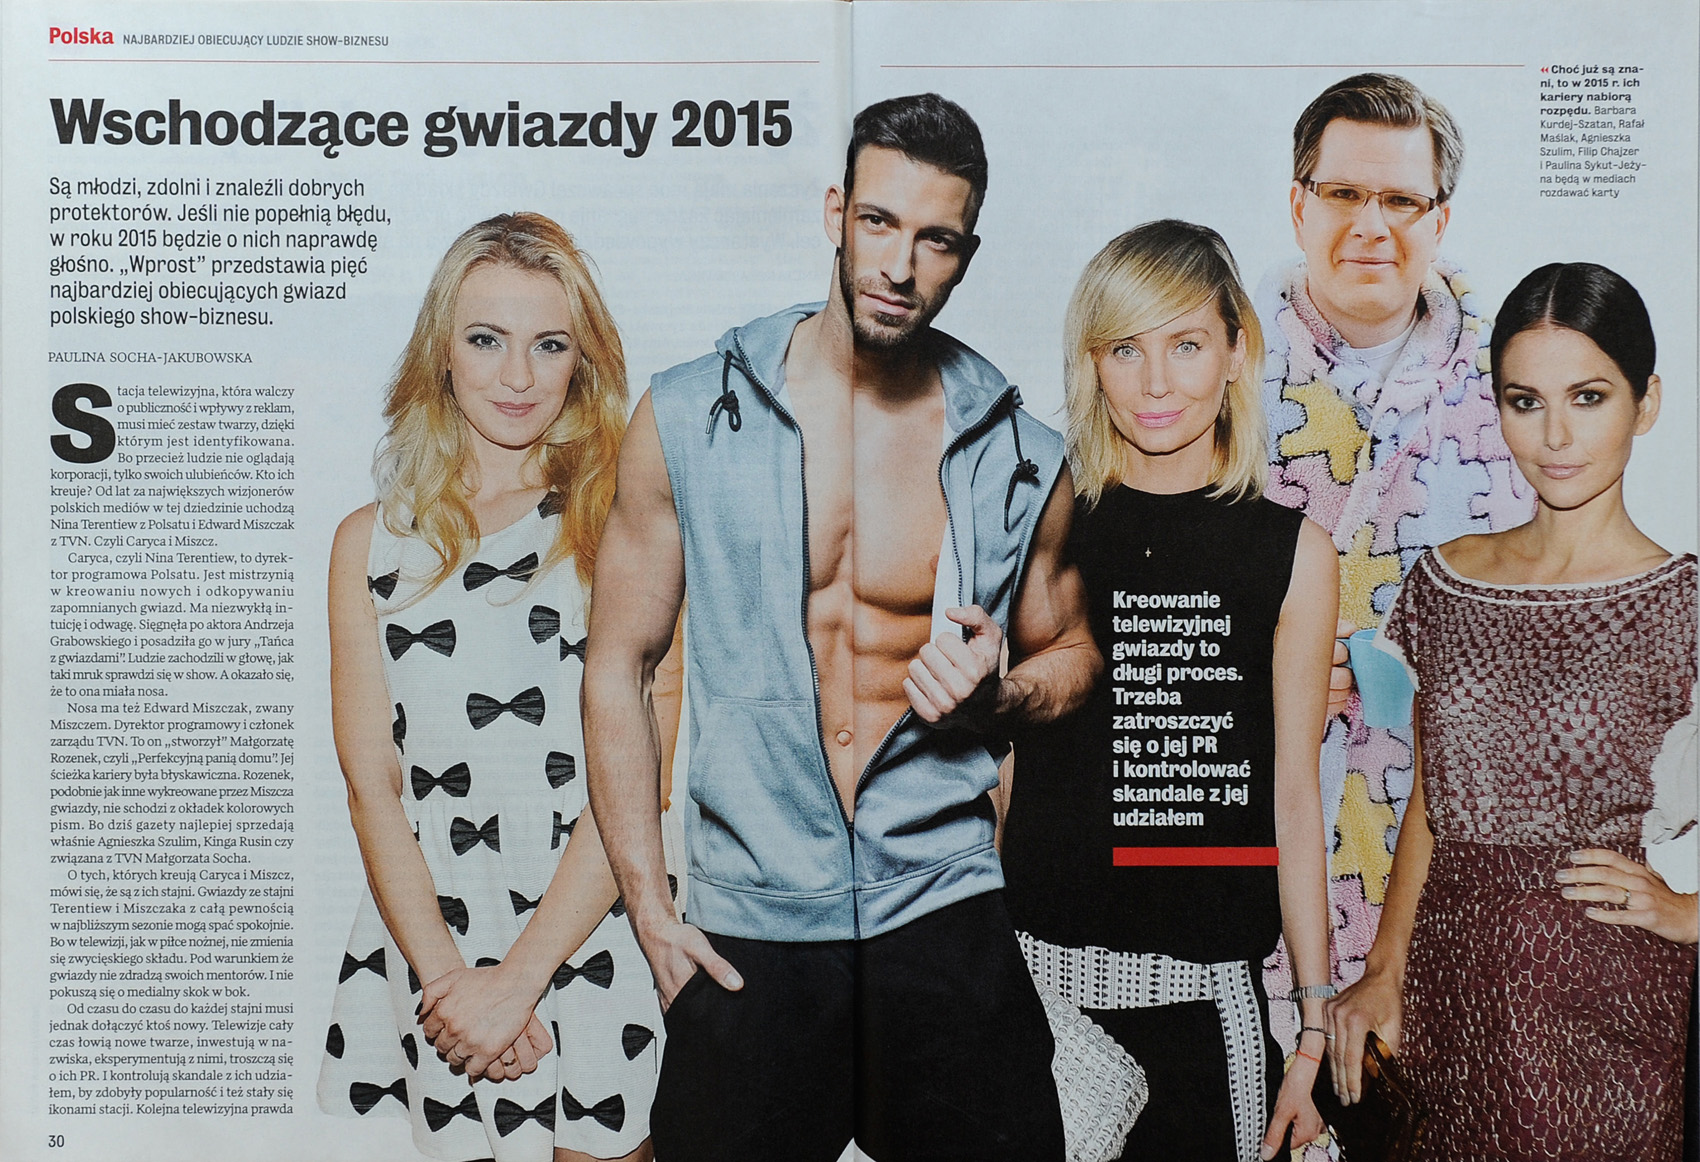 WPROST nr 1/2015 s. 30-31 - Filip Hajzer